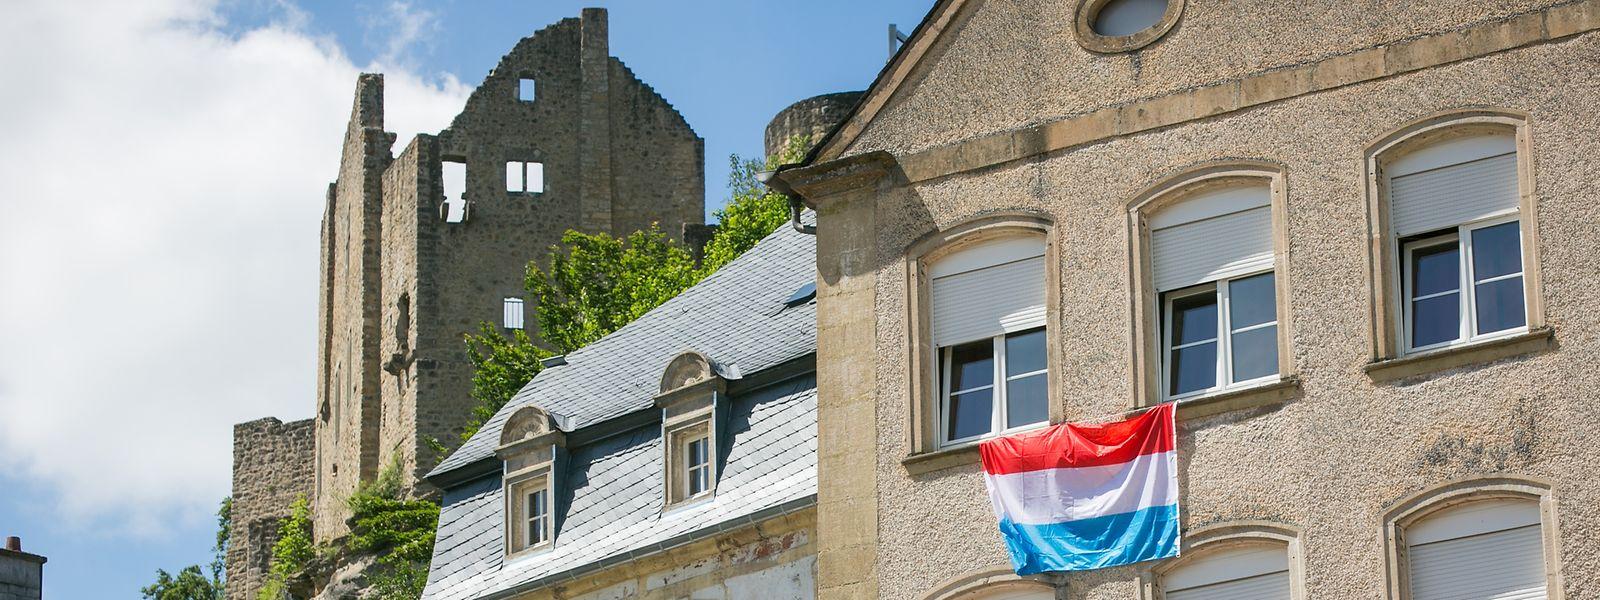 Die Burg Fels ist das Wahrzeichen der Ortschaft nahe dem Müllerthal. Von den rund 2.150 Einwohnern der Gemeinde sind circa 42 Prozent Portugiesen.